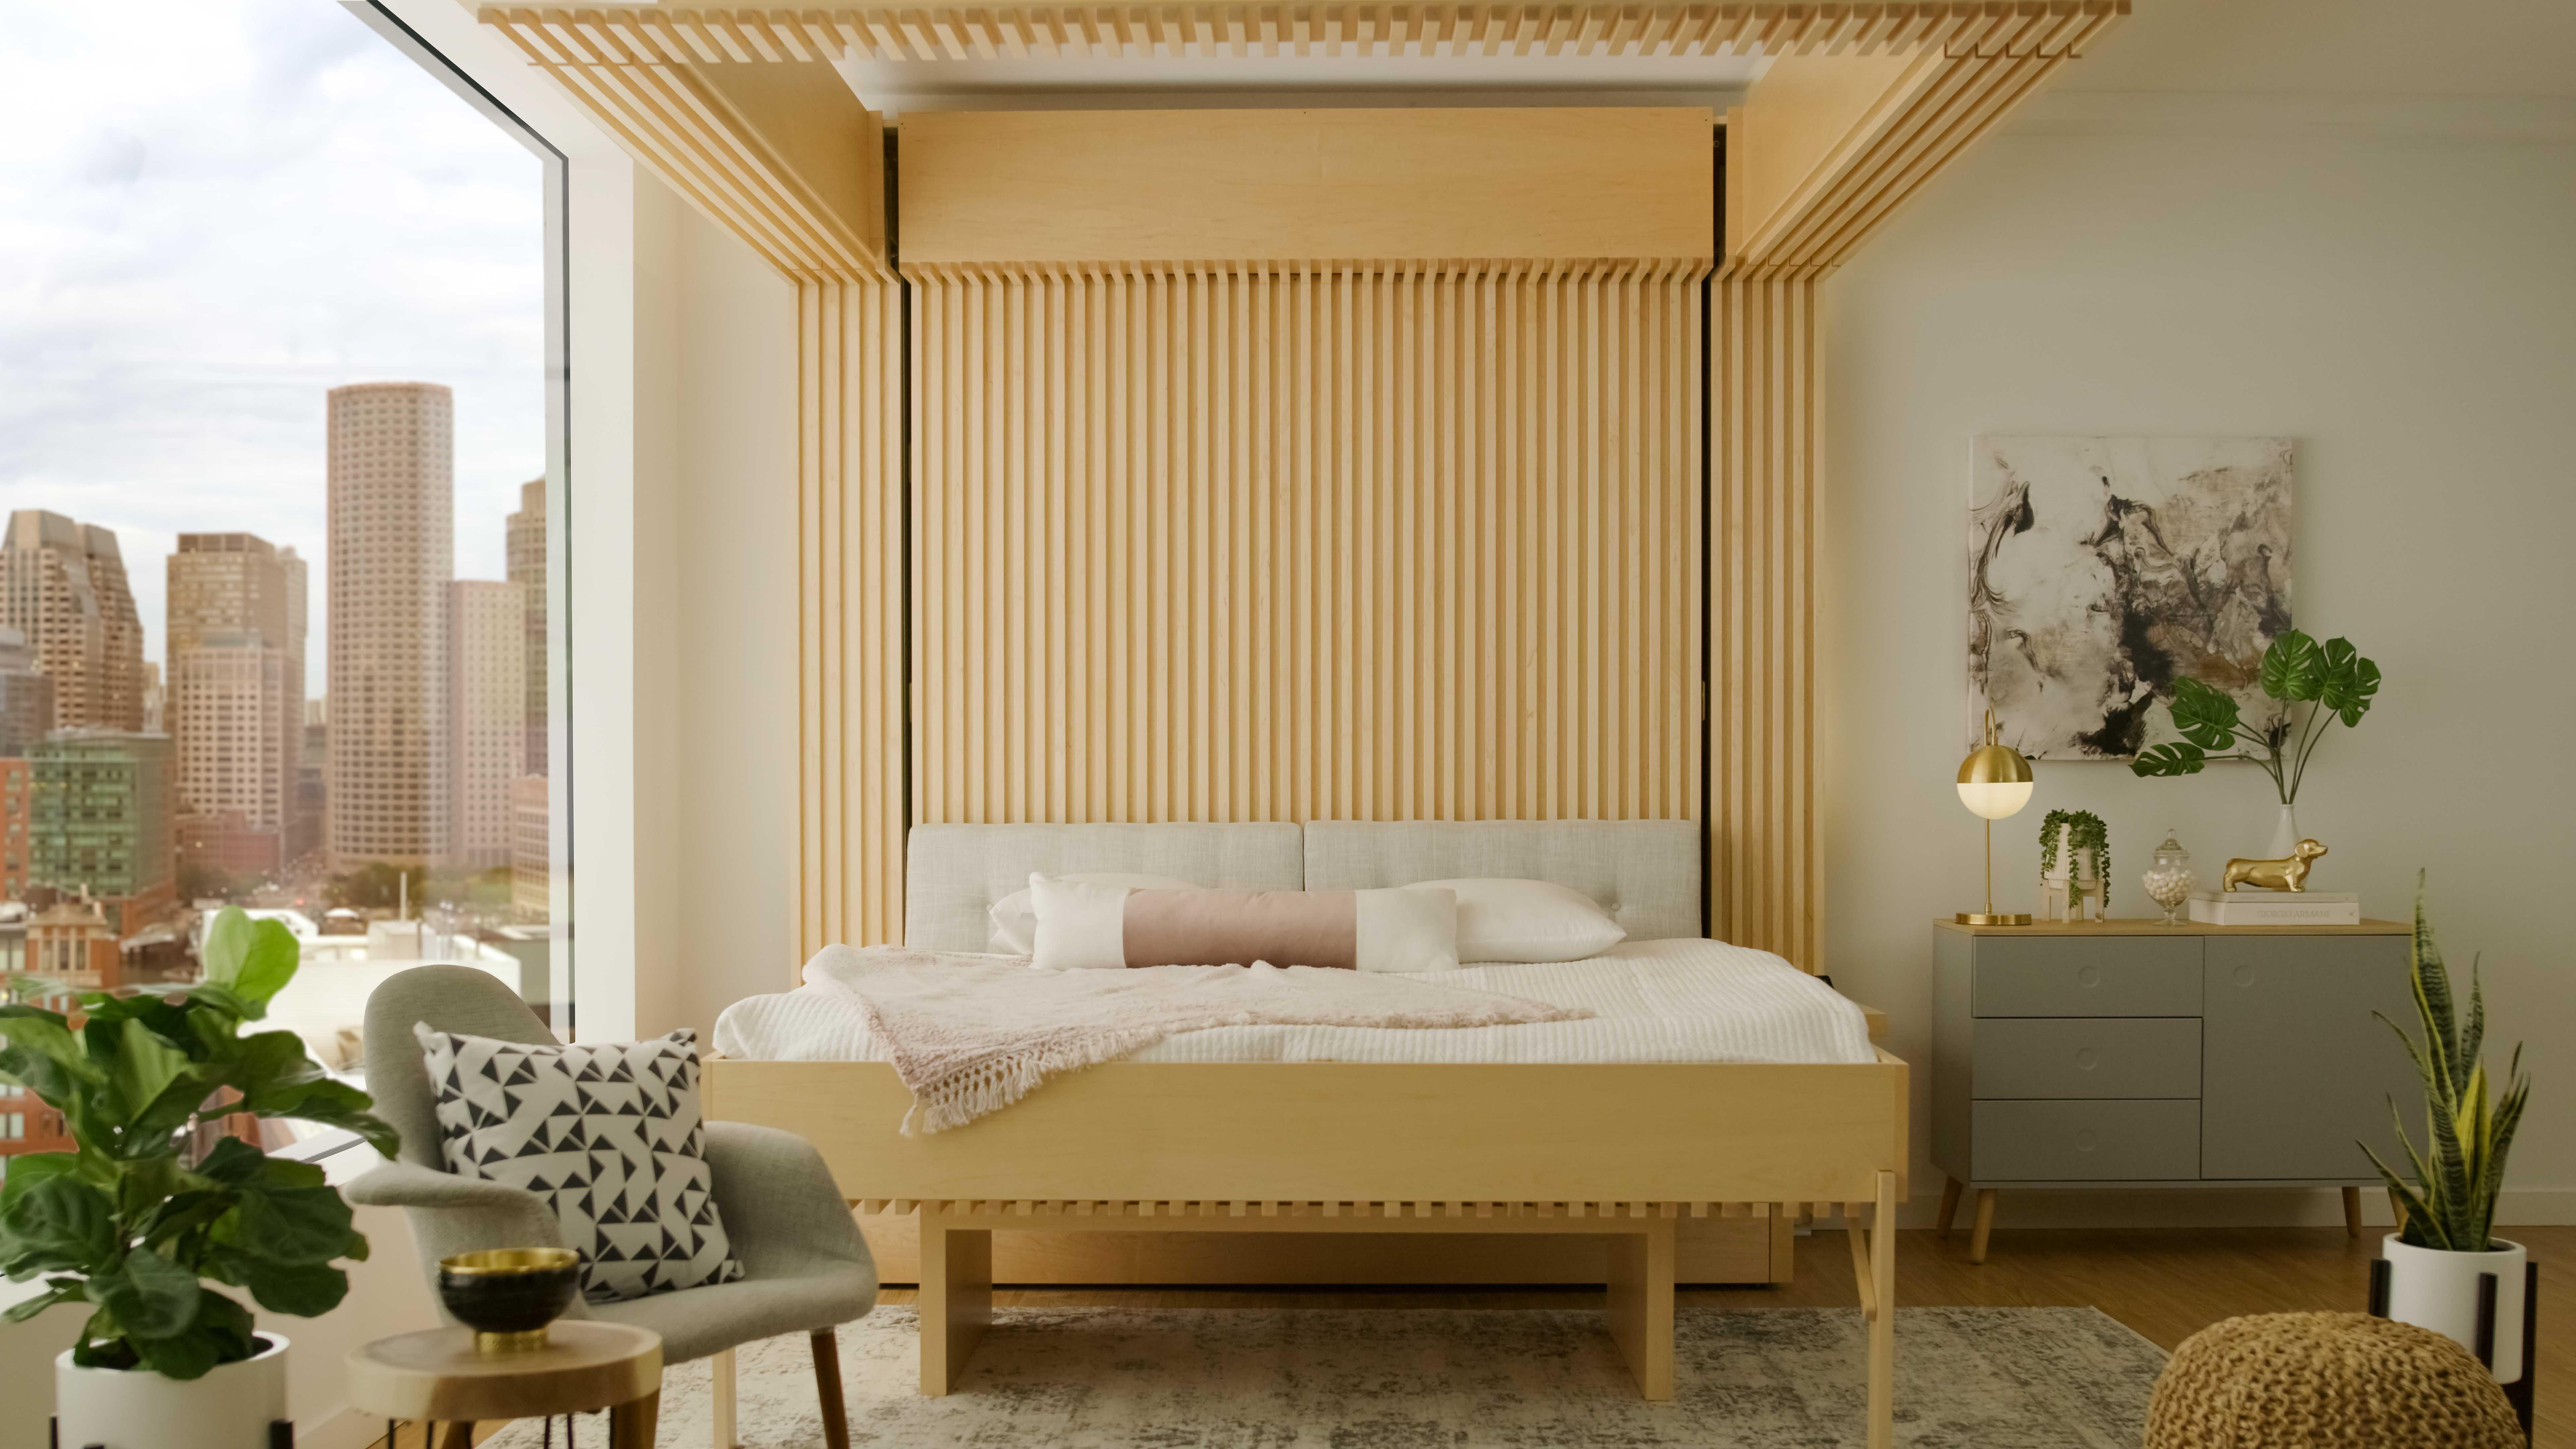 Bed in studio apartment